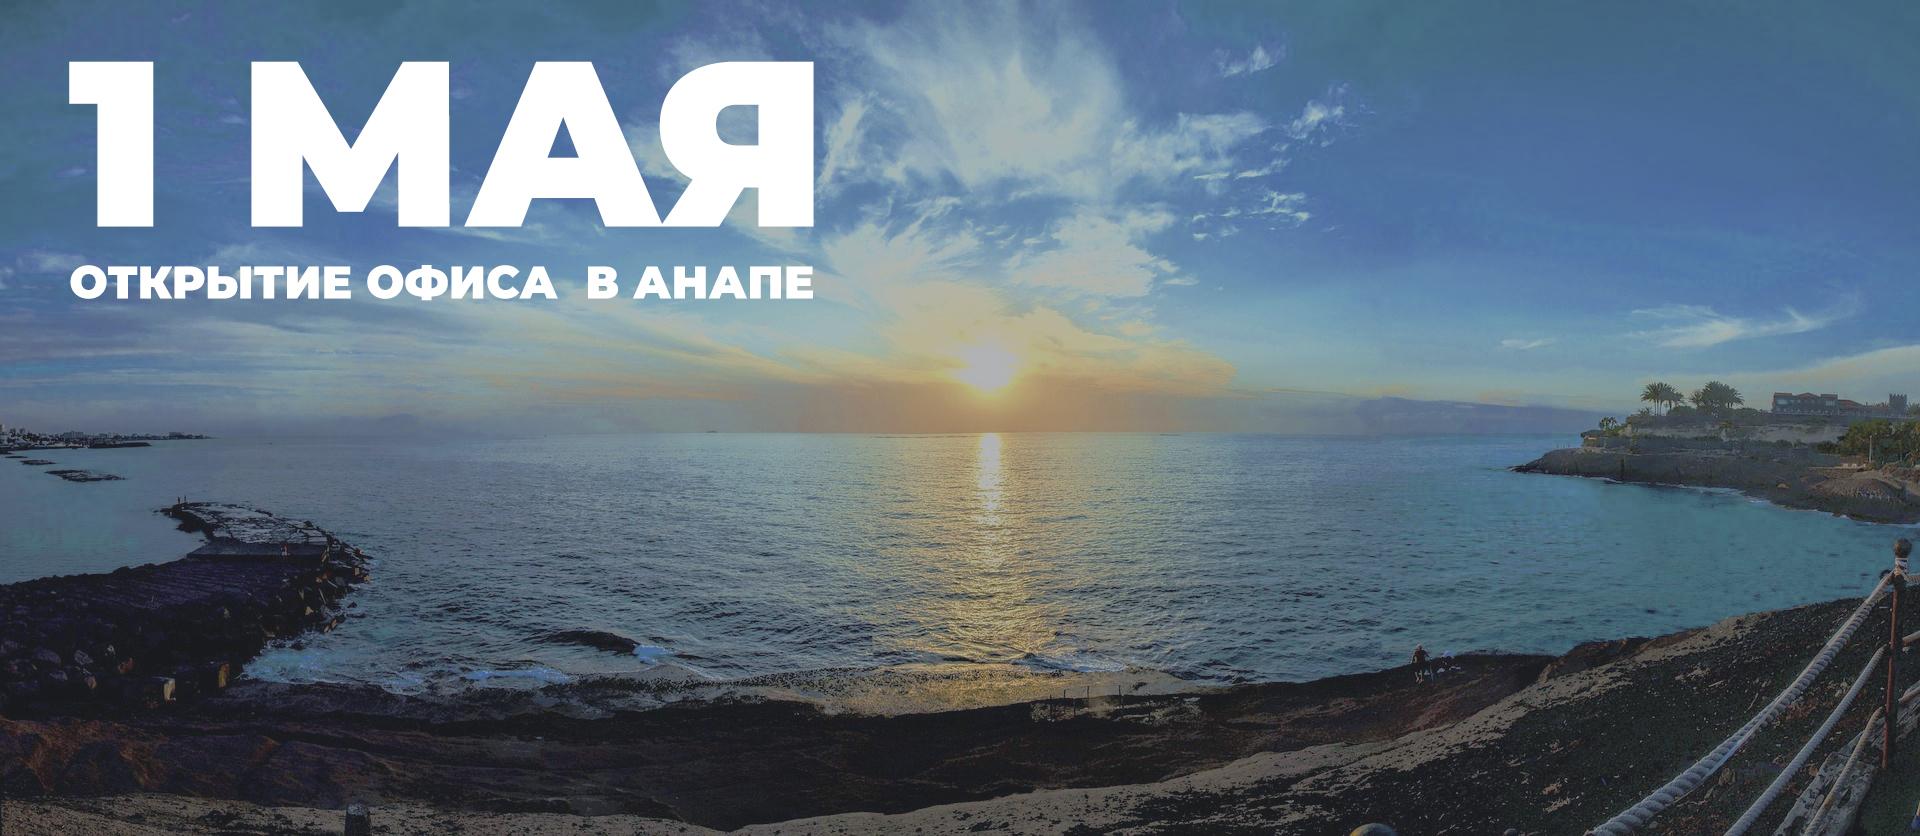 Прокат / Аренда авто Анапа